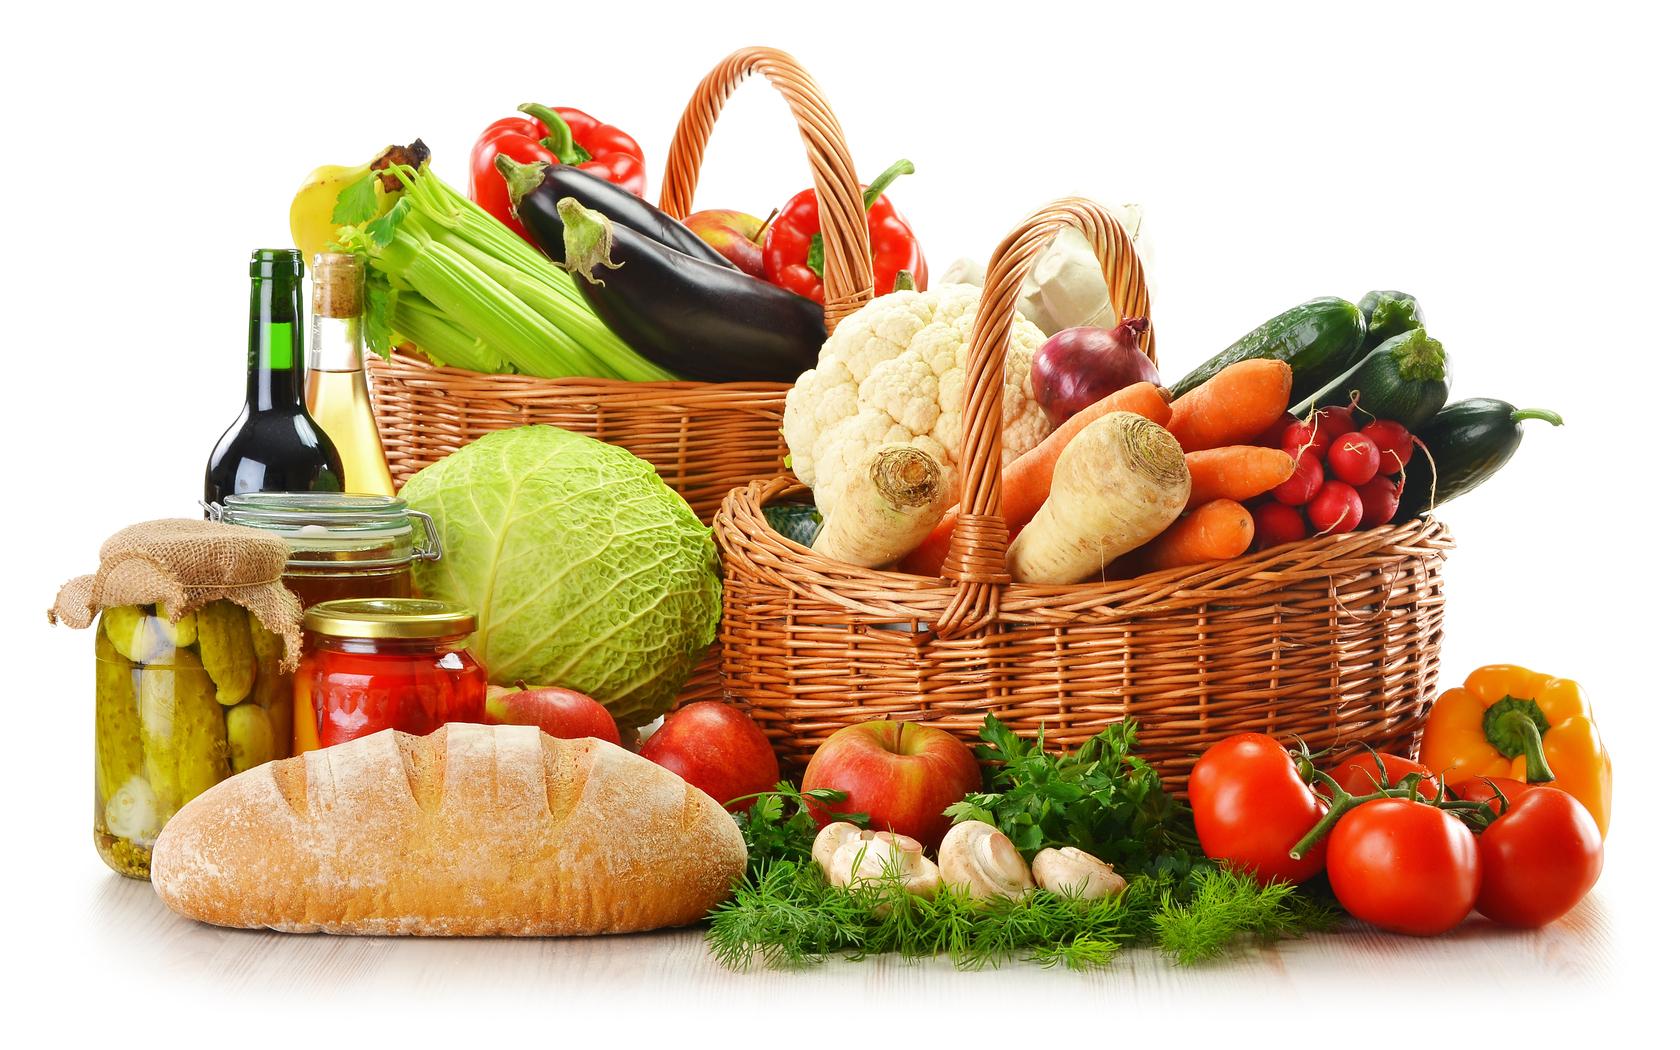 Lebensmittel  von Lebensmittel 1680x1050